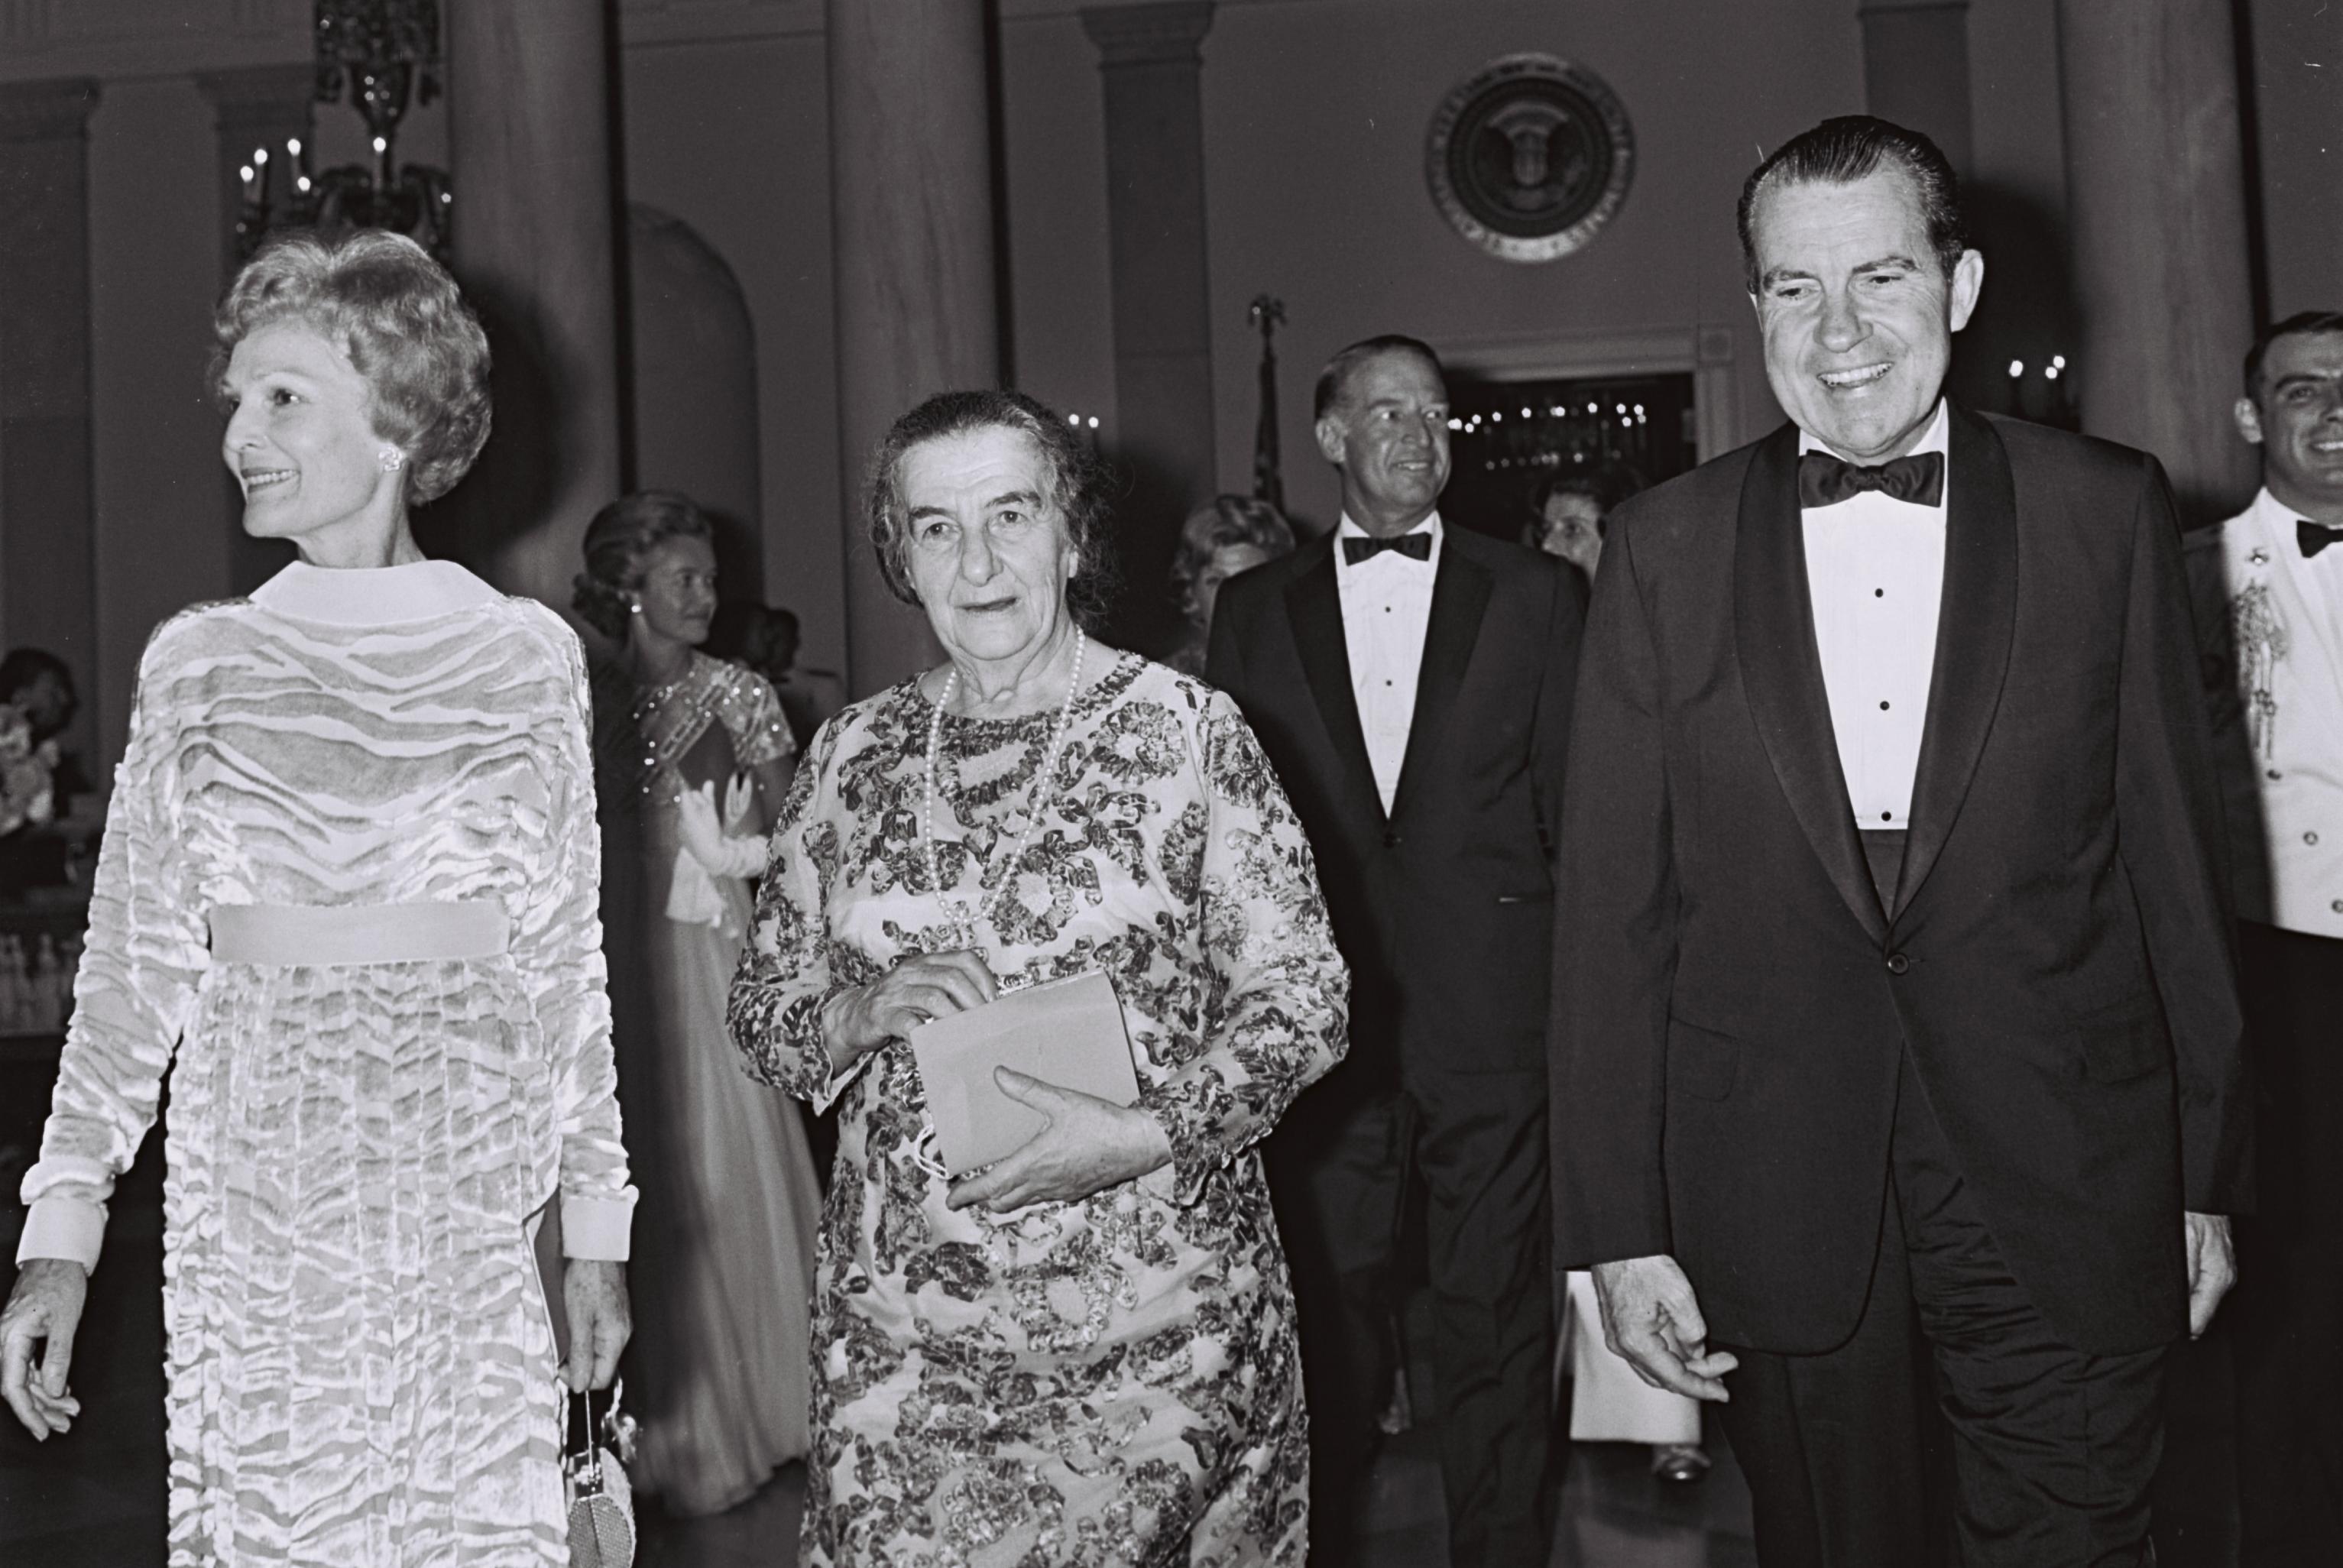 Голда с четой Никсон, 1969 г. Фото: Milner Moshe, пресс-бюро правительства